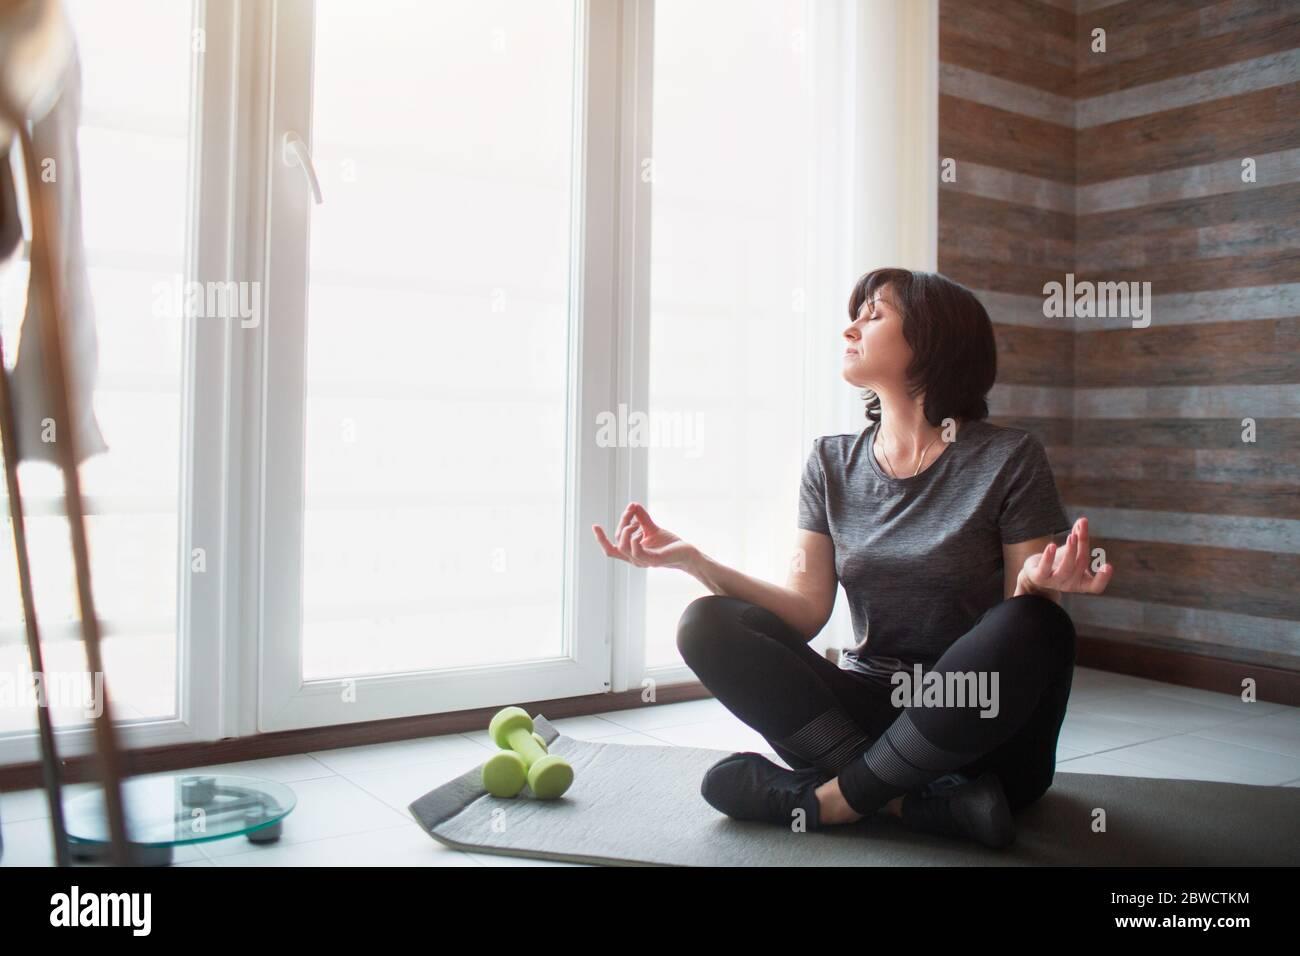 La femme fine pour adulte s'entraîner à la maison. Processus de méditation du modèle senior. Tenez les mains sur les genoux et regardez la fenêtre. Banque D'Images